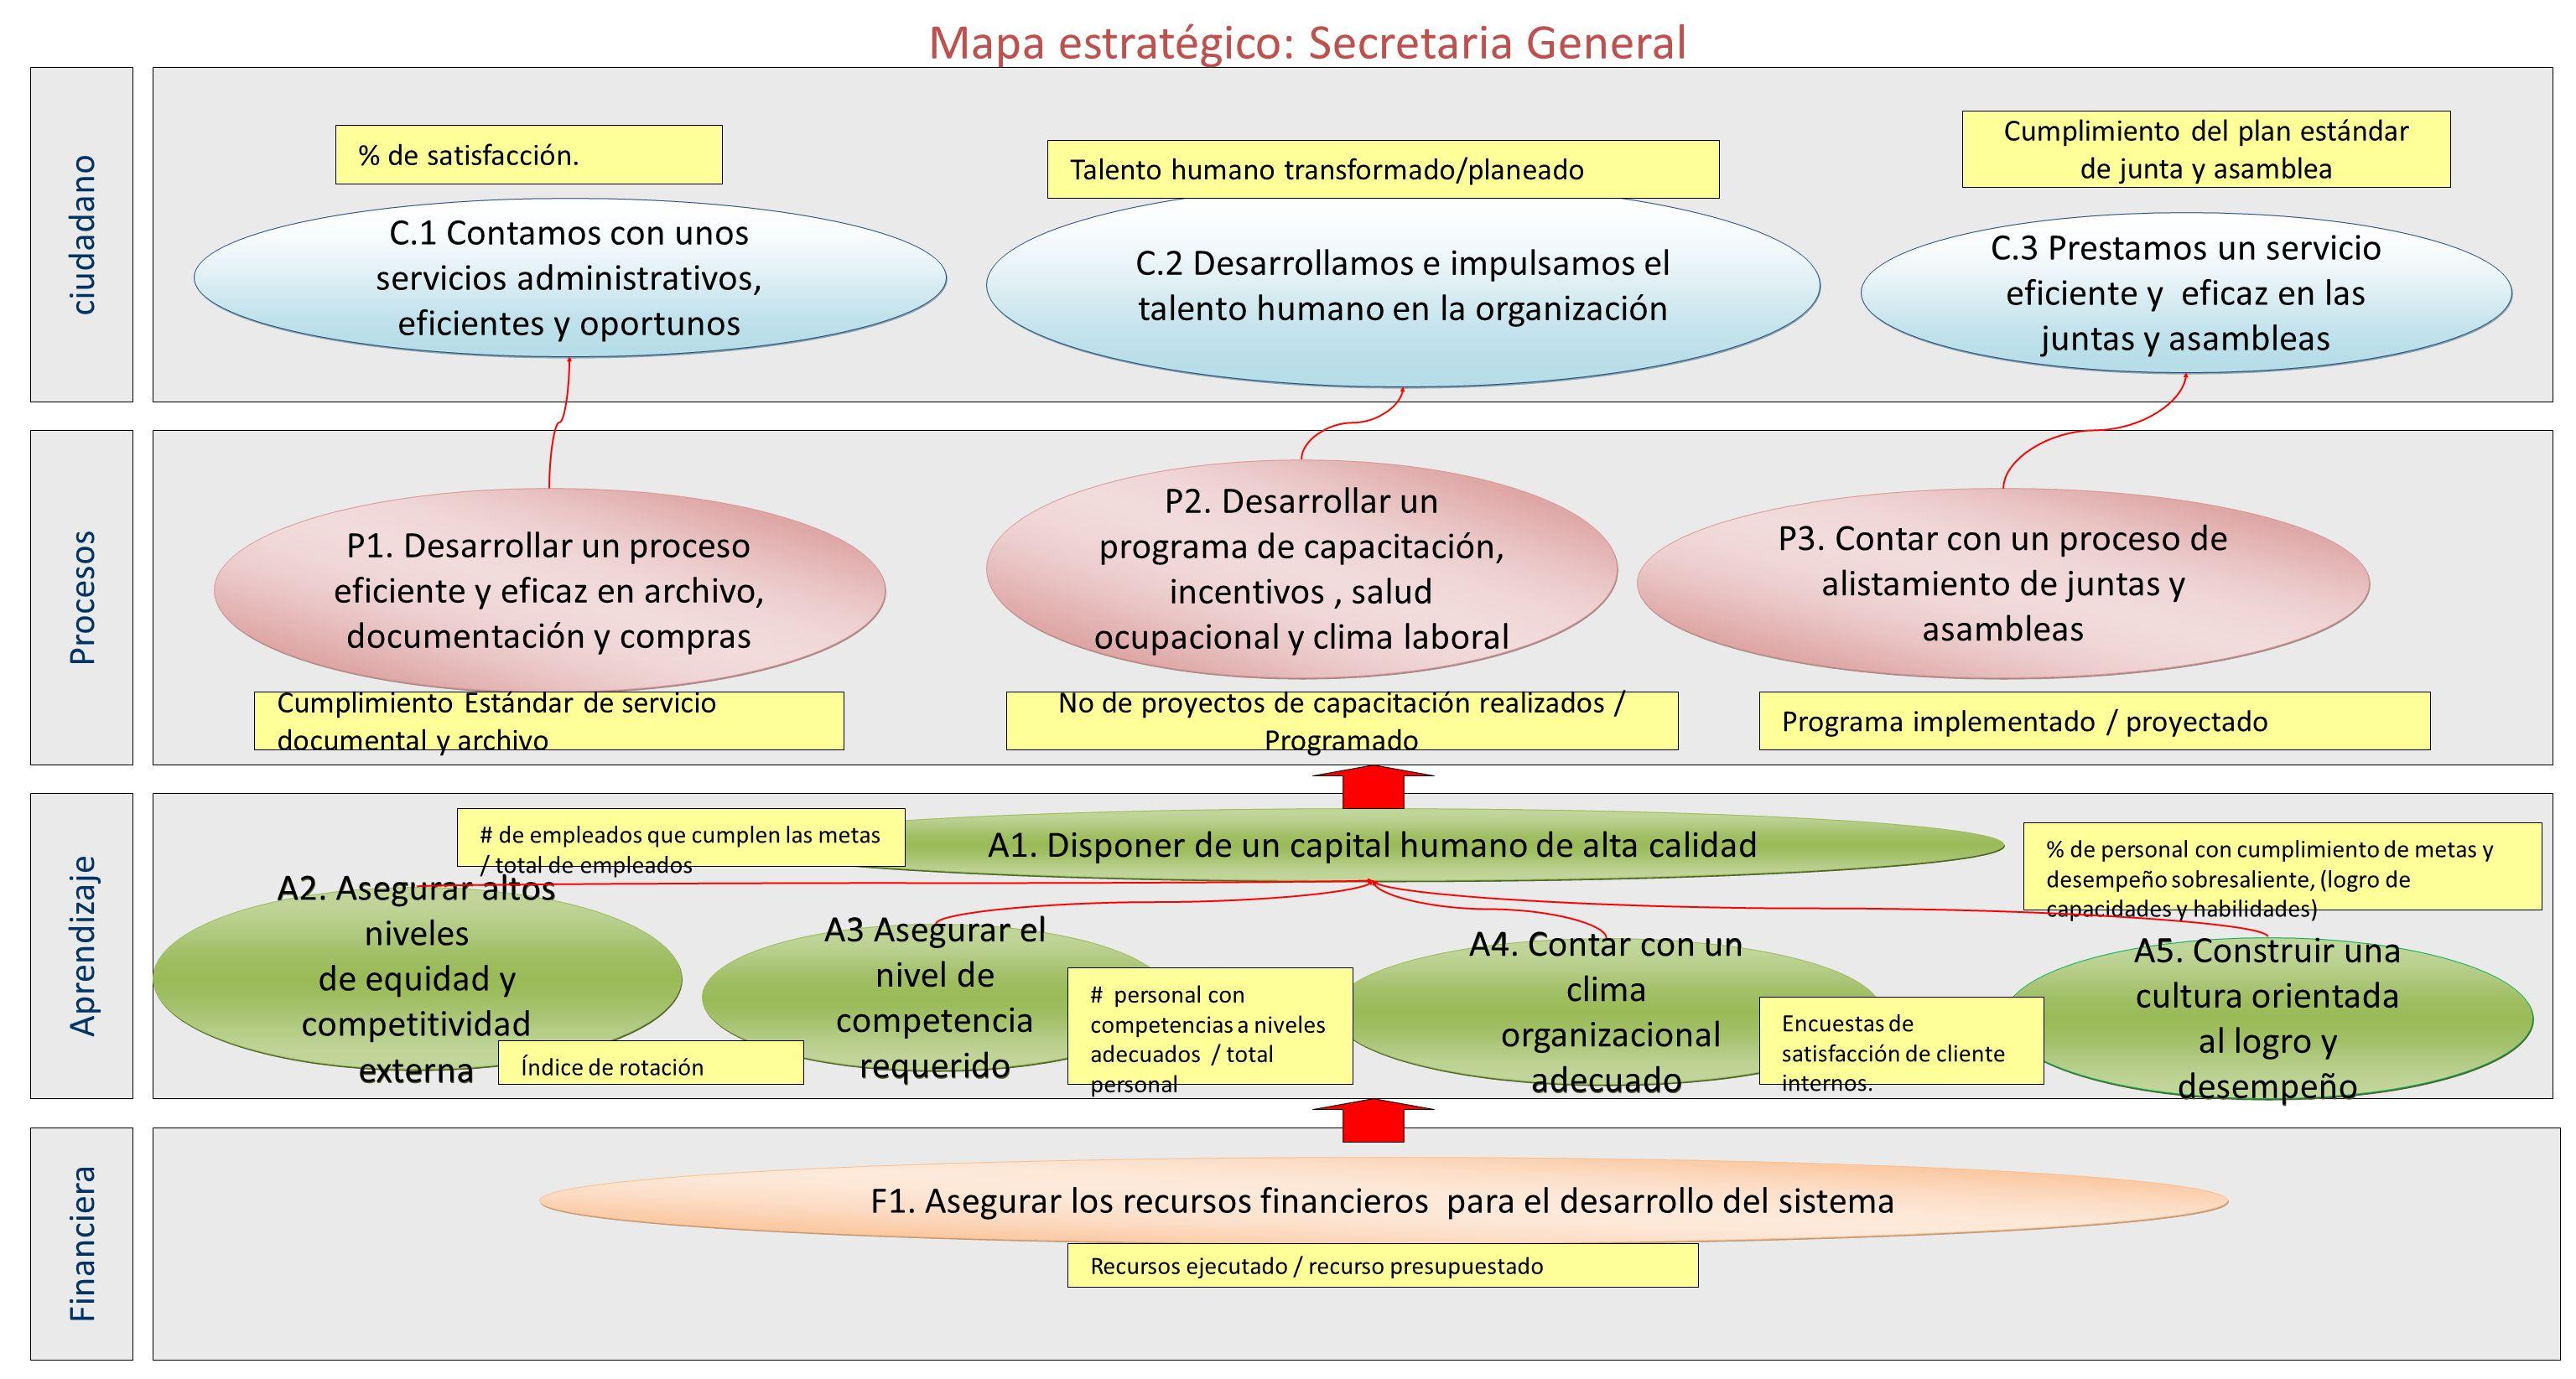 Mapa estratégico: Secretaria General A2. Asegurar altos niveles de equidad y competitividad externa A2. Asegurar altos niveles de equidad y competitiv